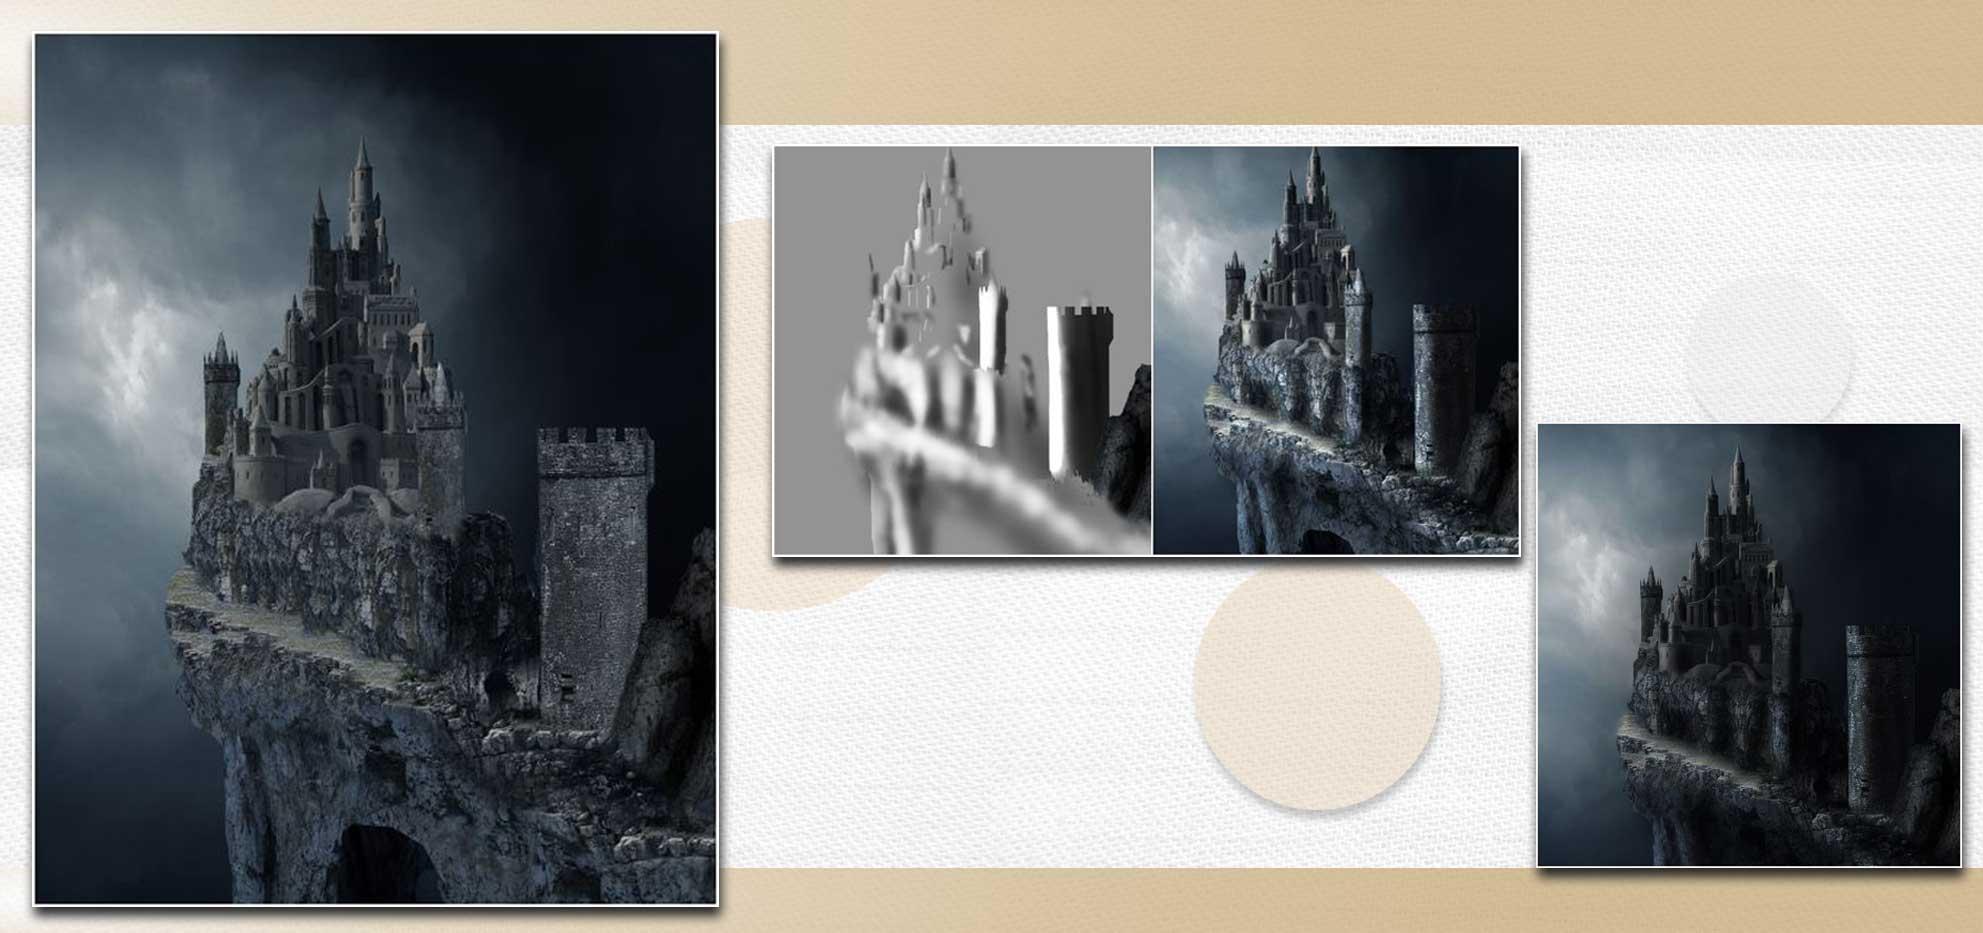 sakhte ghalee 13 - آموزش تصویری ساخت قلعه در فتوشاپ